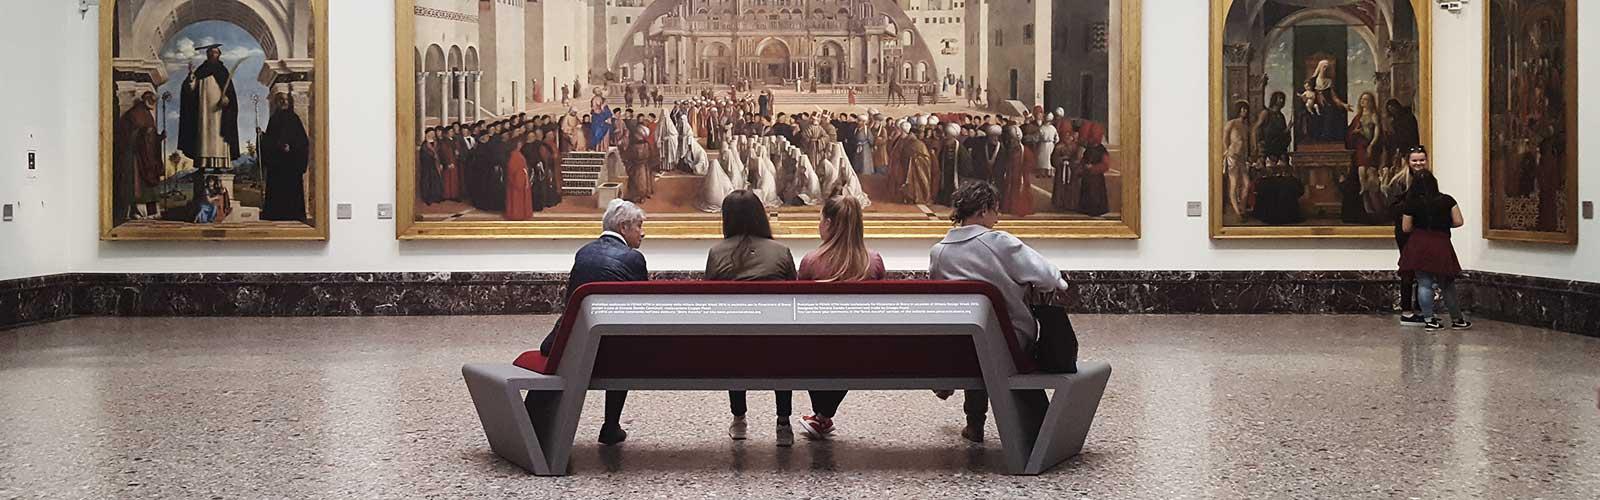 Pinacoteca di brera milano design week pinacoteca di brera for Design di milano